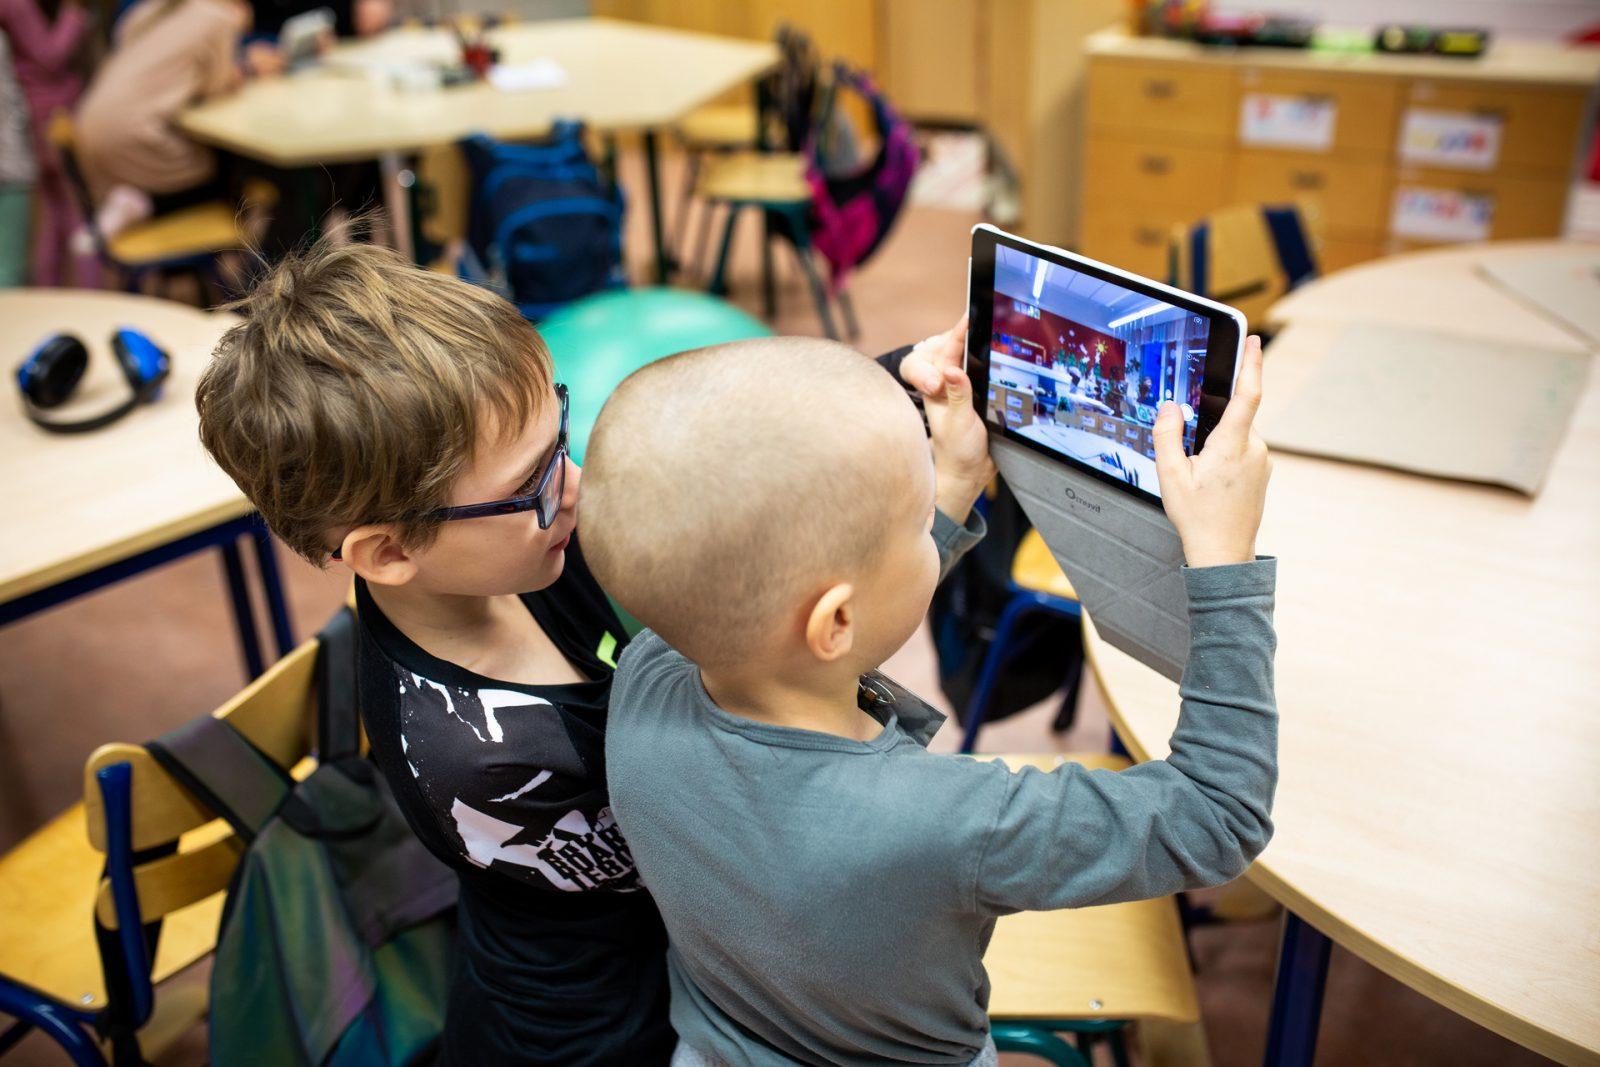 Renkomäen koululaisia oppitunnilla tabletti oppimisvälineenä